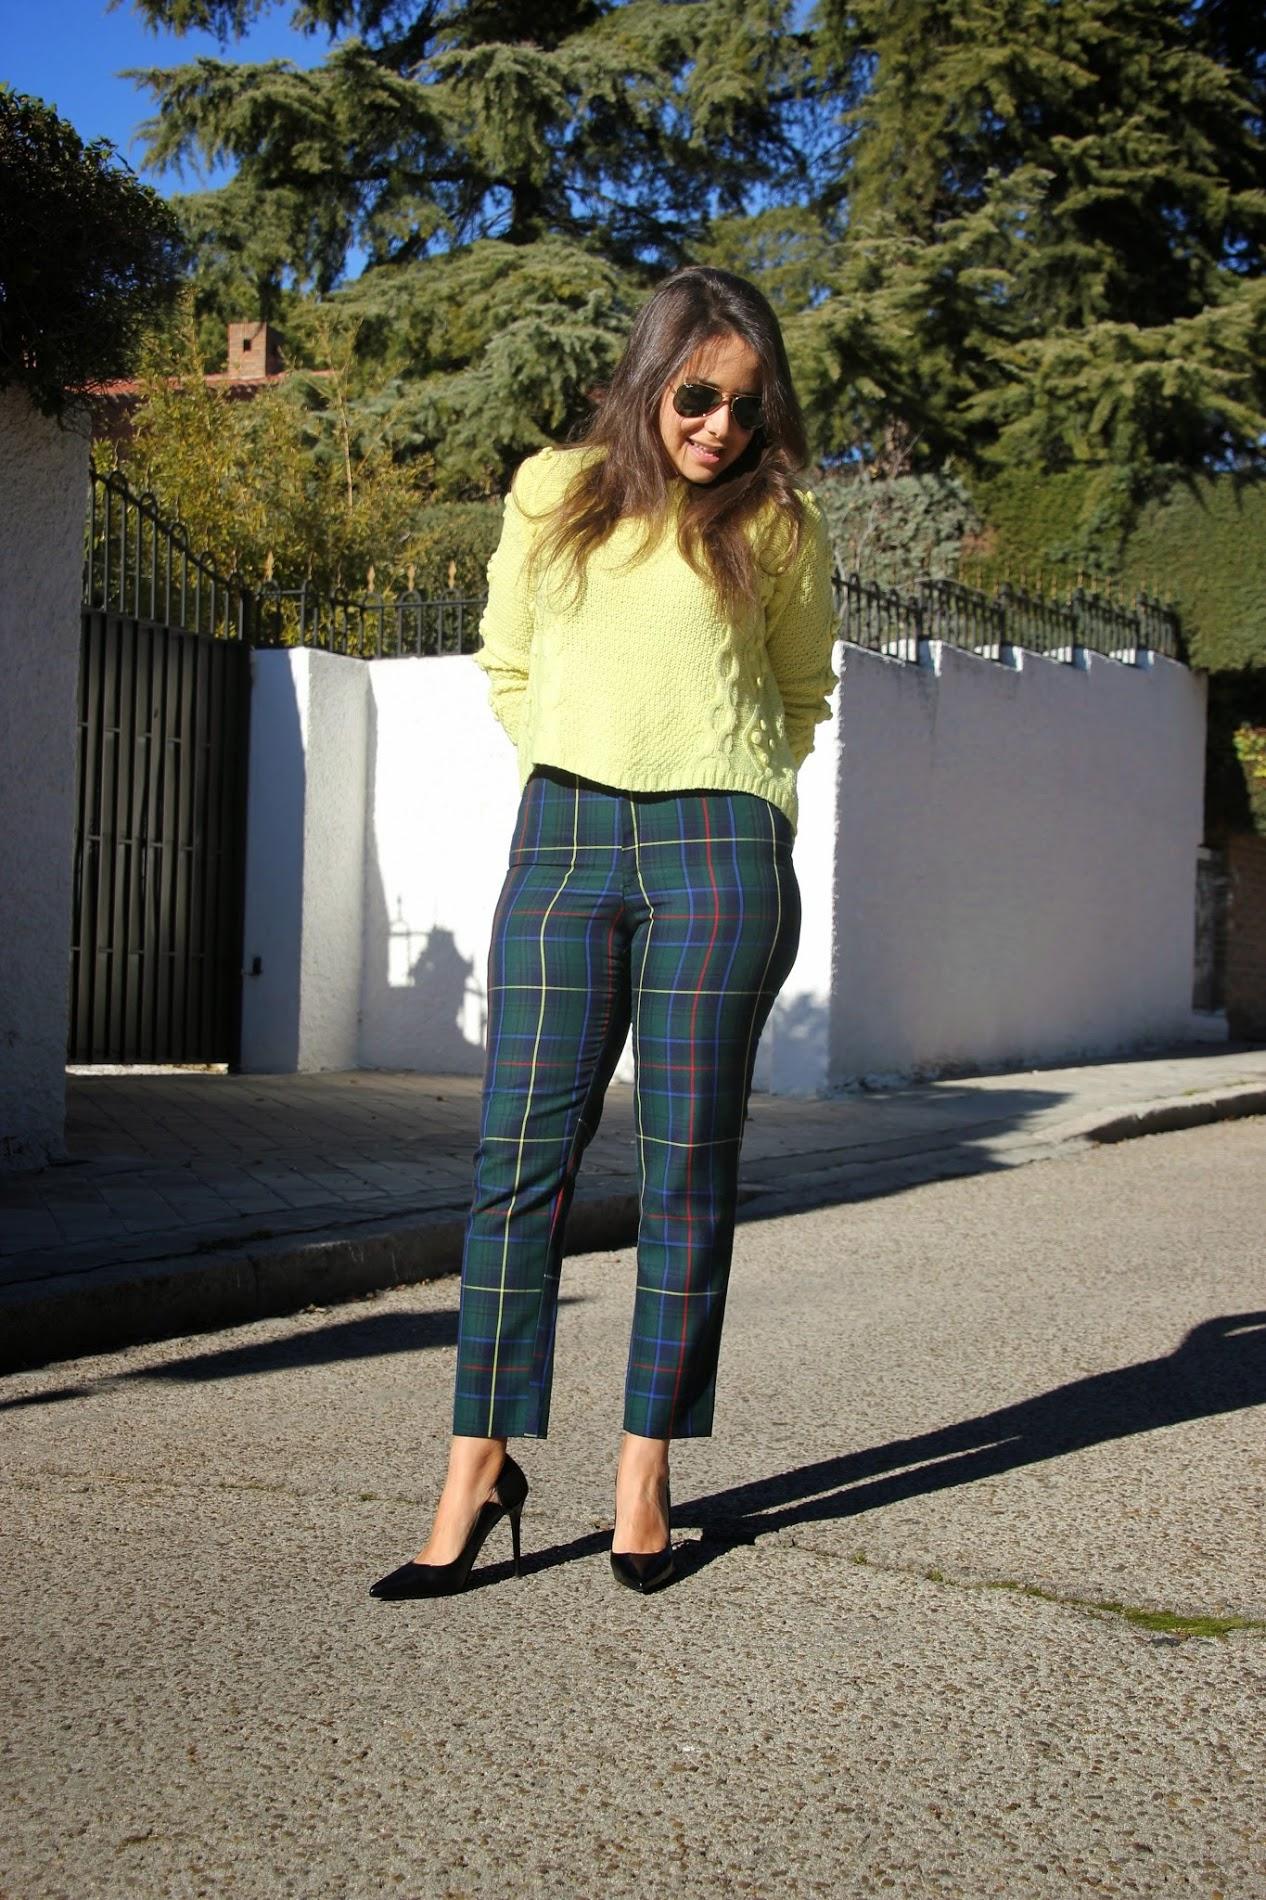 DIY Costura: Cómo hacer pantalón (patrones gratis) blog de costura